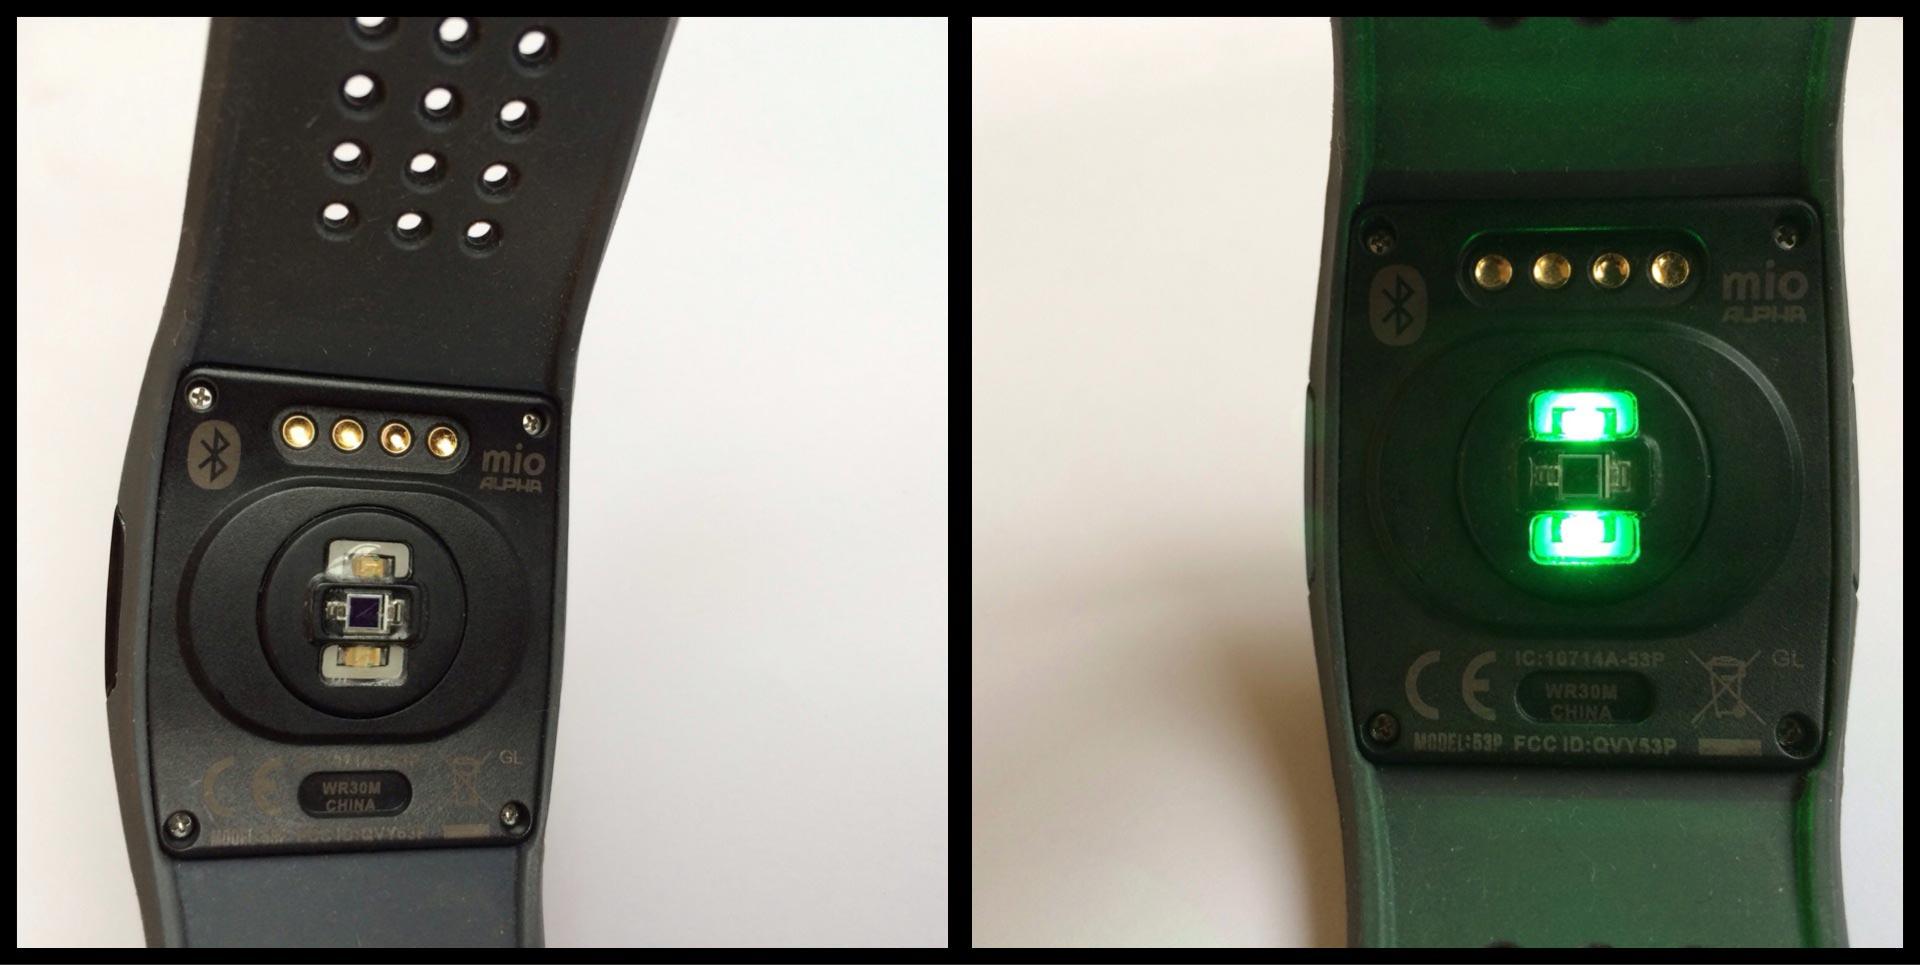 La montre Mio Alpha, avec ou sans les LED illuminées. Ph. Moctar KANE.